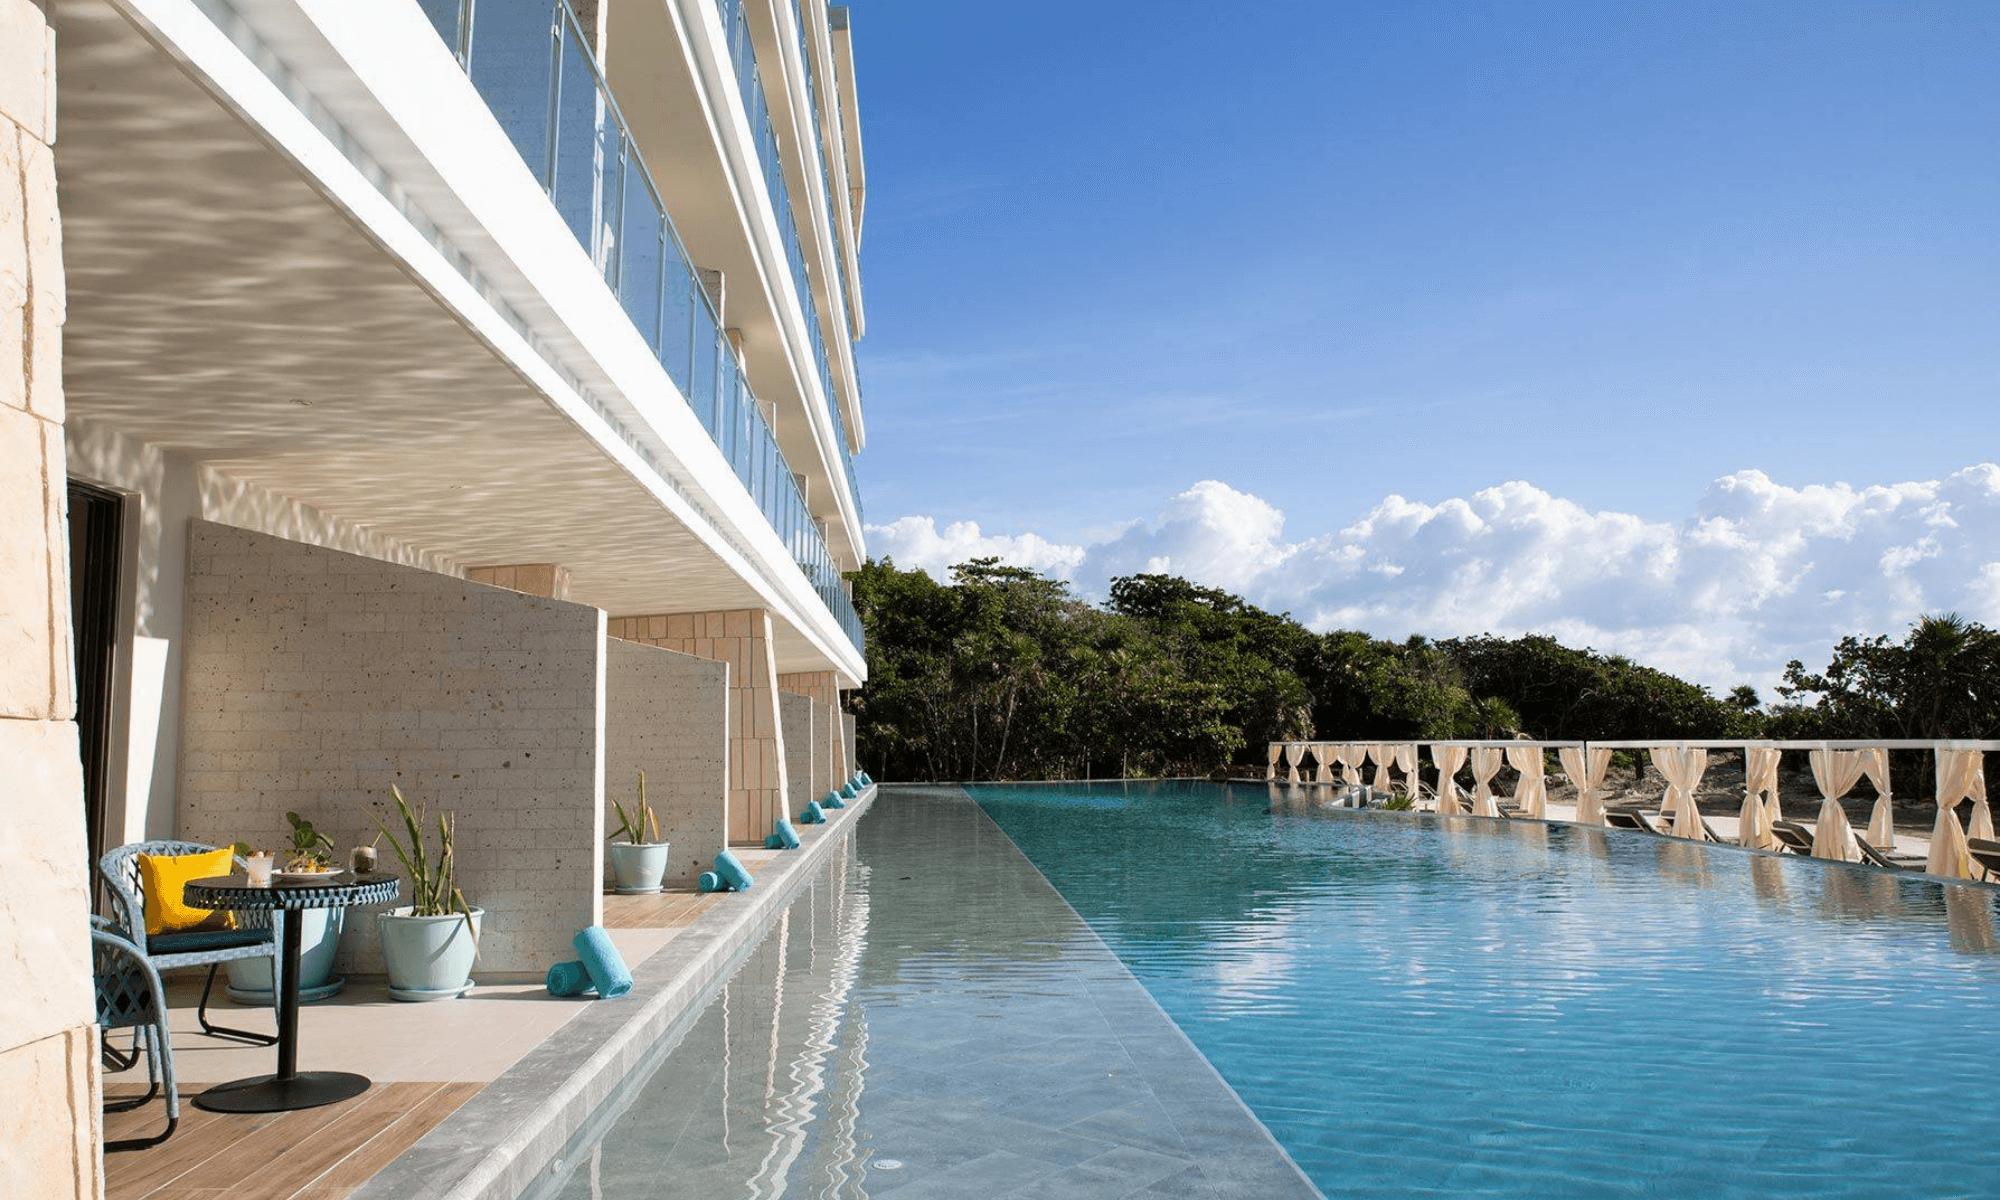 Un santuario de bienestar en Playa del Carmen descubre este imperdible resort sustentable de la Riviera Maya 1